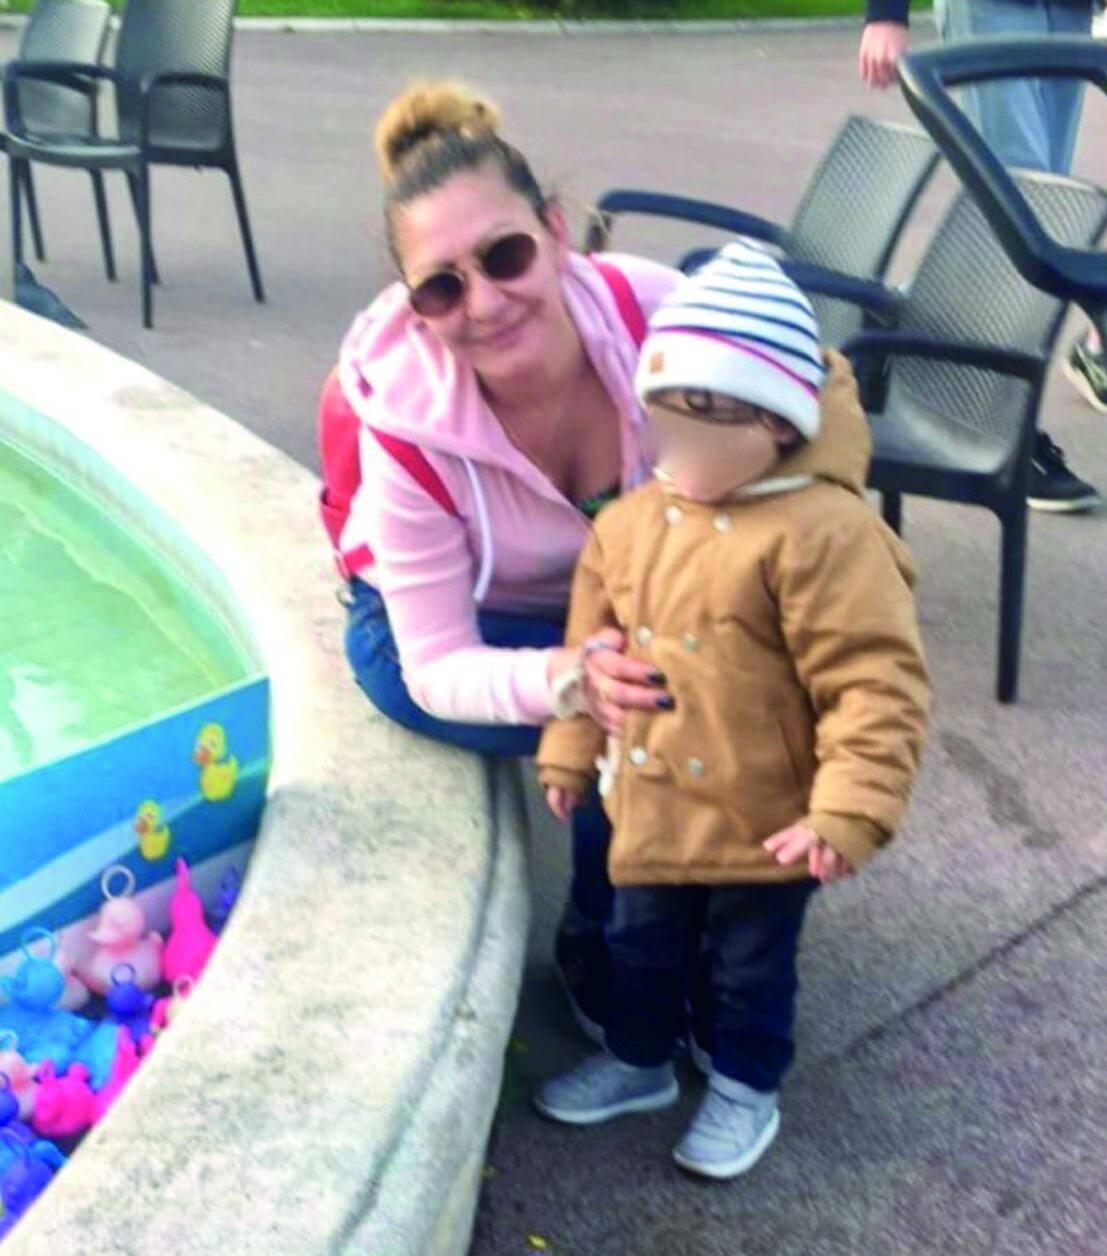 Depuis son décès, son jeune fils a été pris en charge par le service d'aide sociale à l'enfance.